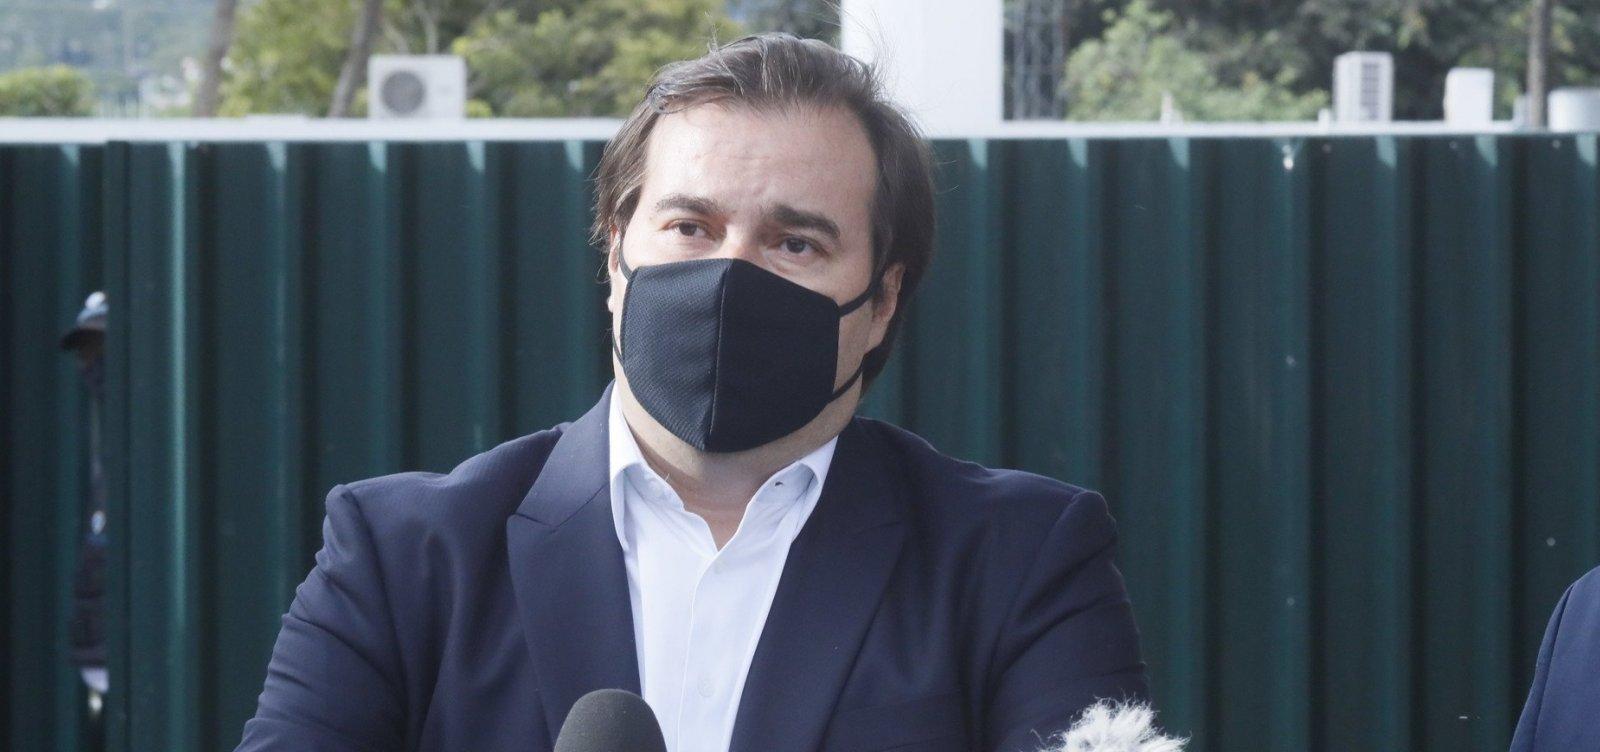 [Rodrigo Maia vai se reunir com embaixador chinês para tentar resolver crise no envio de insumos]